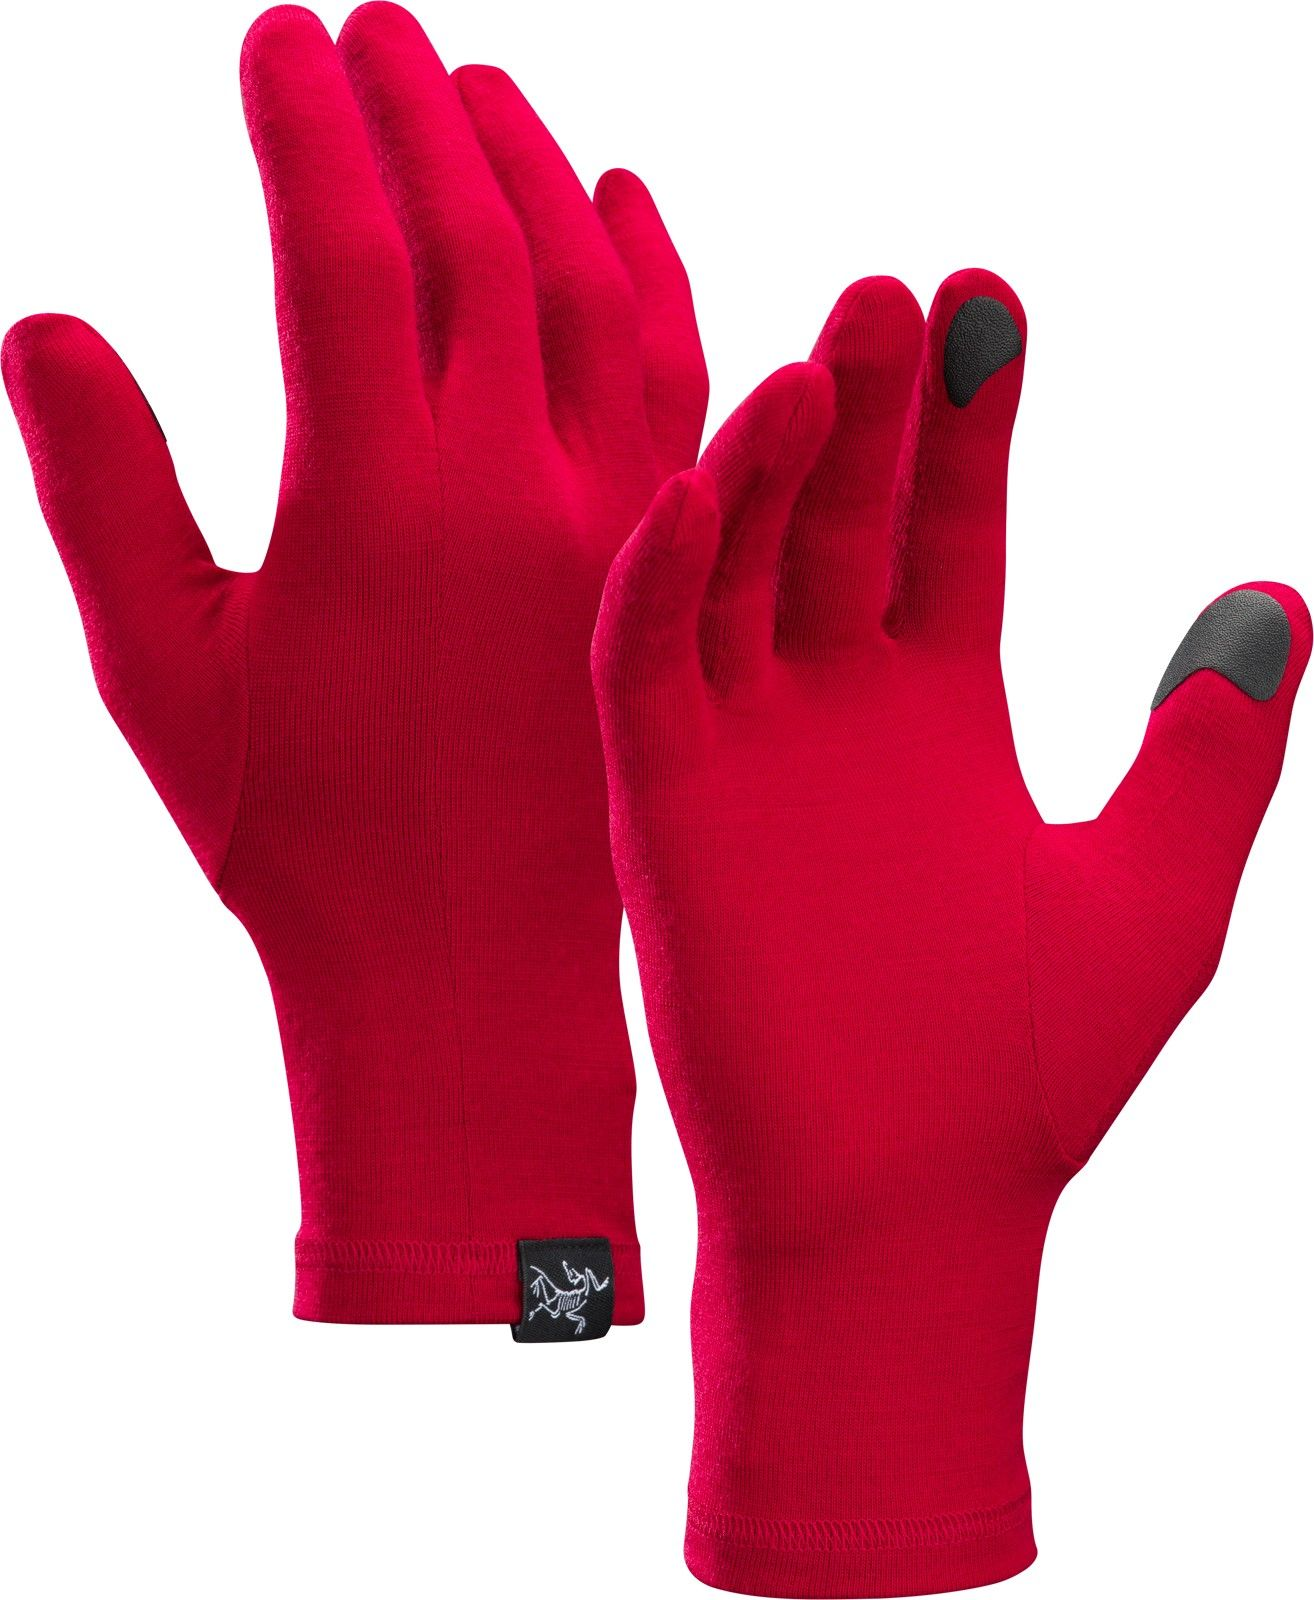 Arcteryx Gothic Glove |  Fingerhandschuh